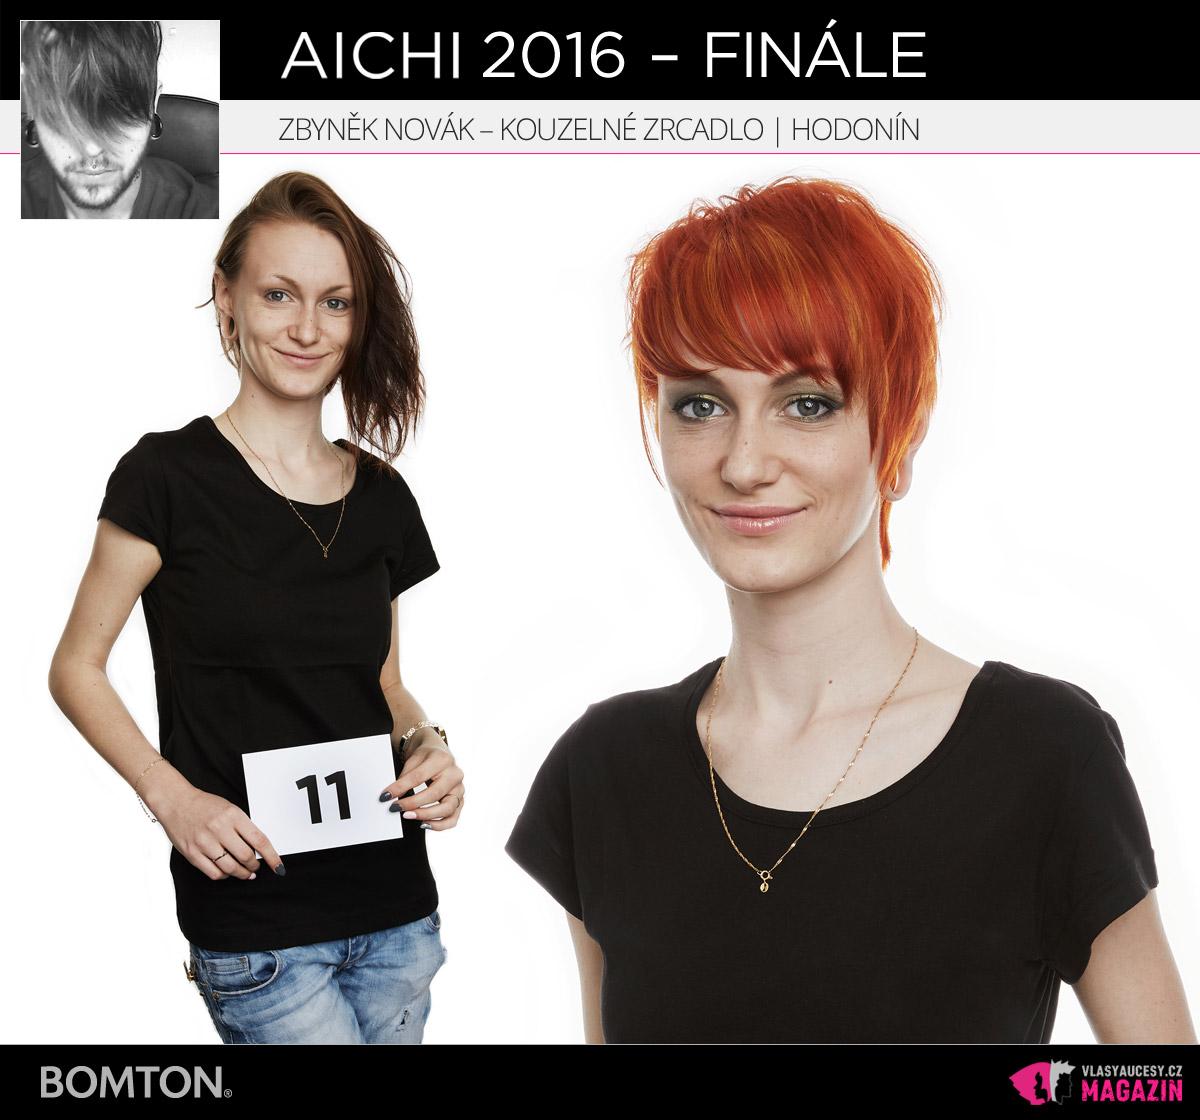 Zbyněk Novák – kadeřnictví Kouzelné zrcadlo, Hodonín | Proměny AICHI 2016 – postupující do finálového kola